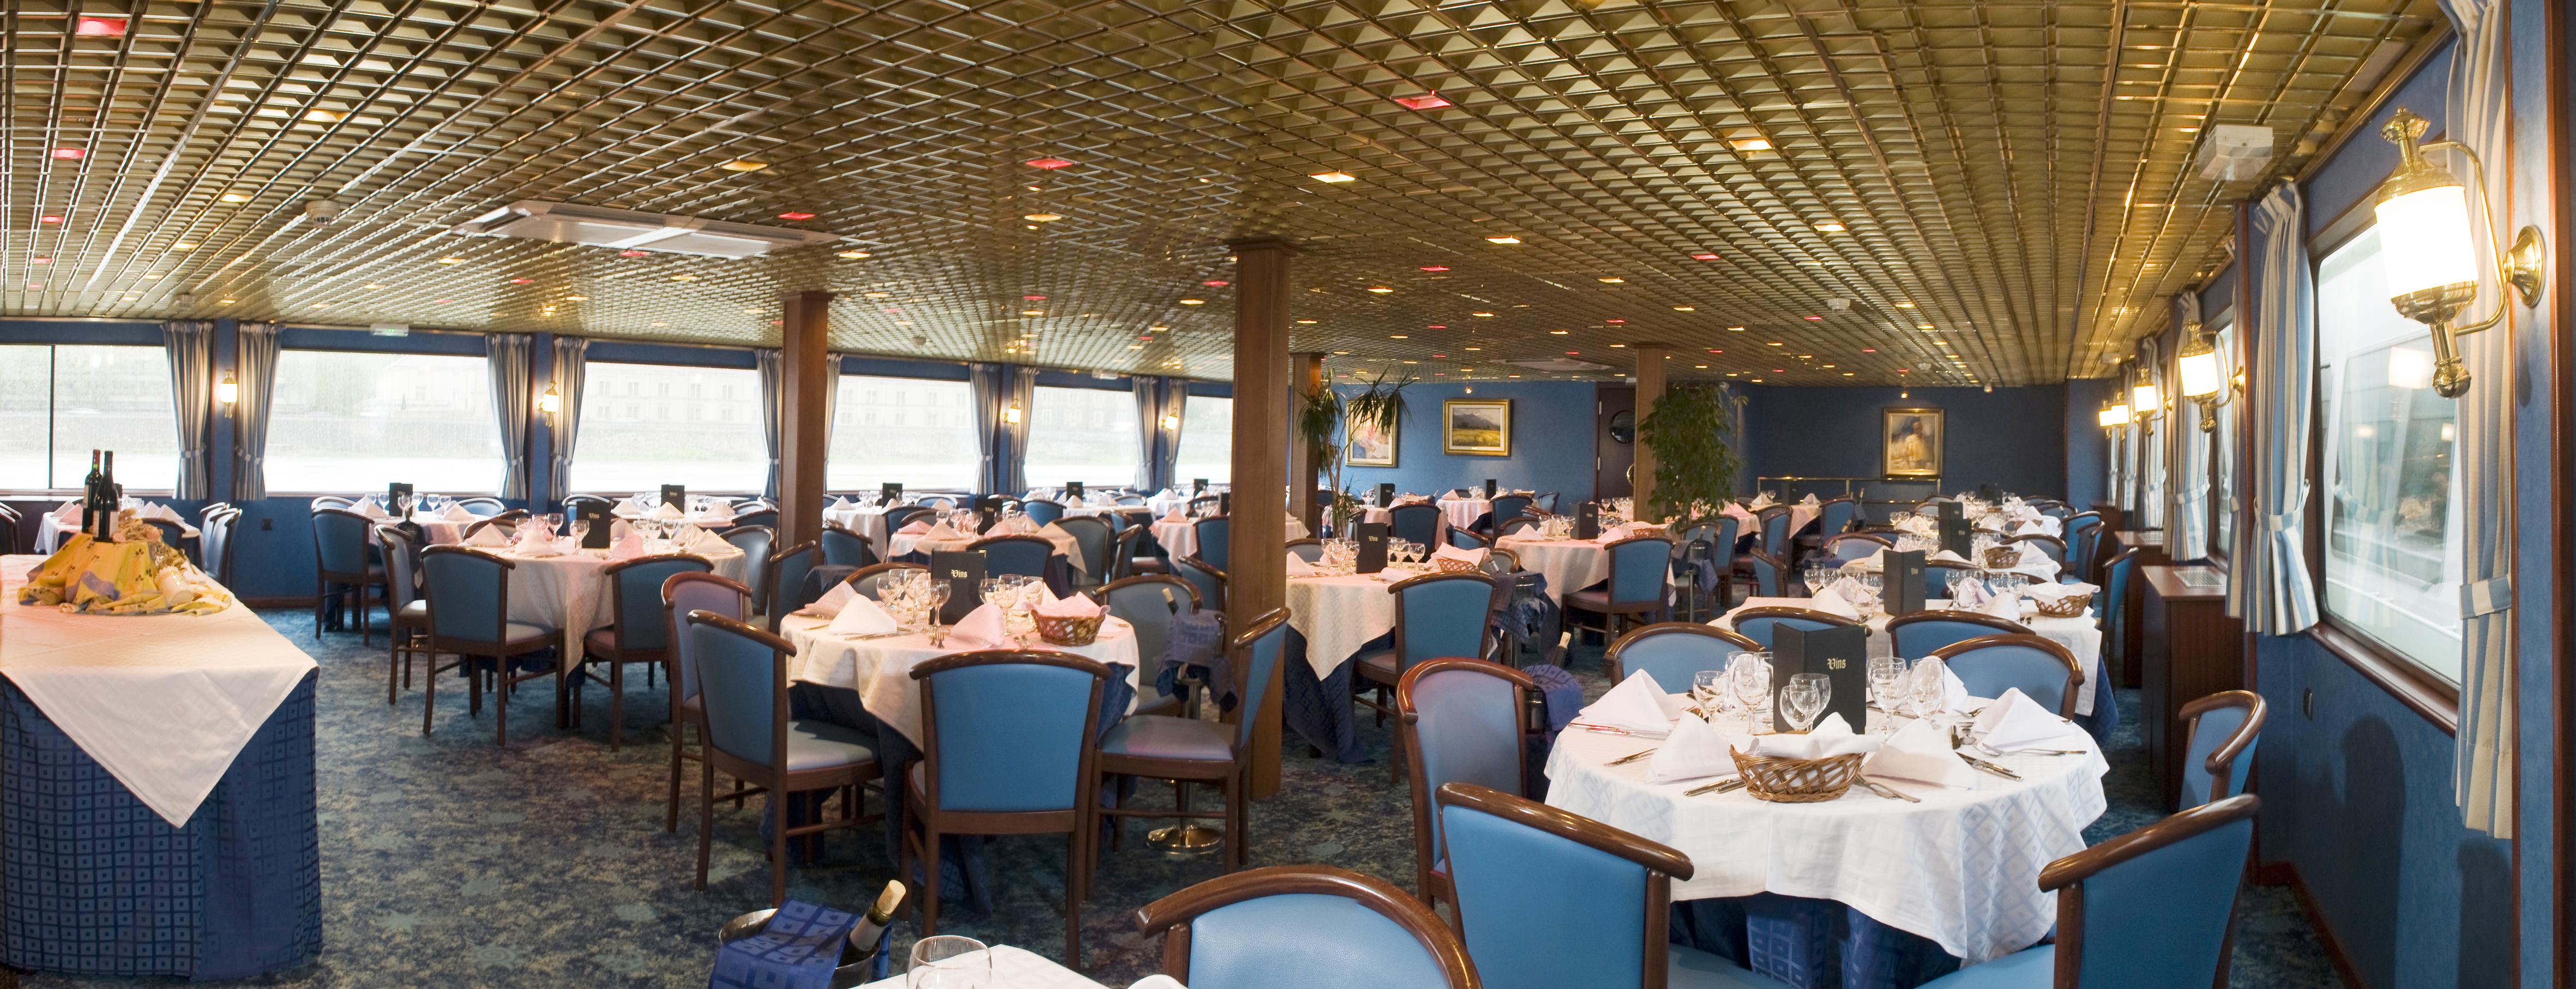 CroisiEurope MS Van Gogh Interior Dining Room 4.jpg